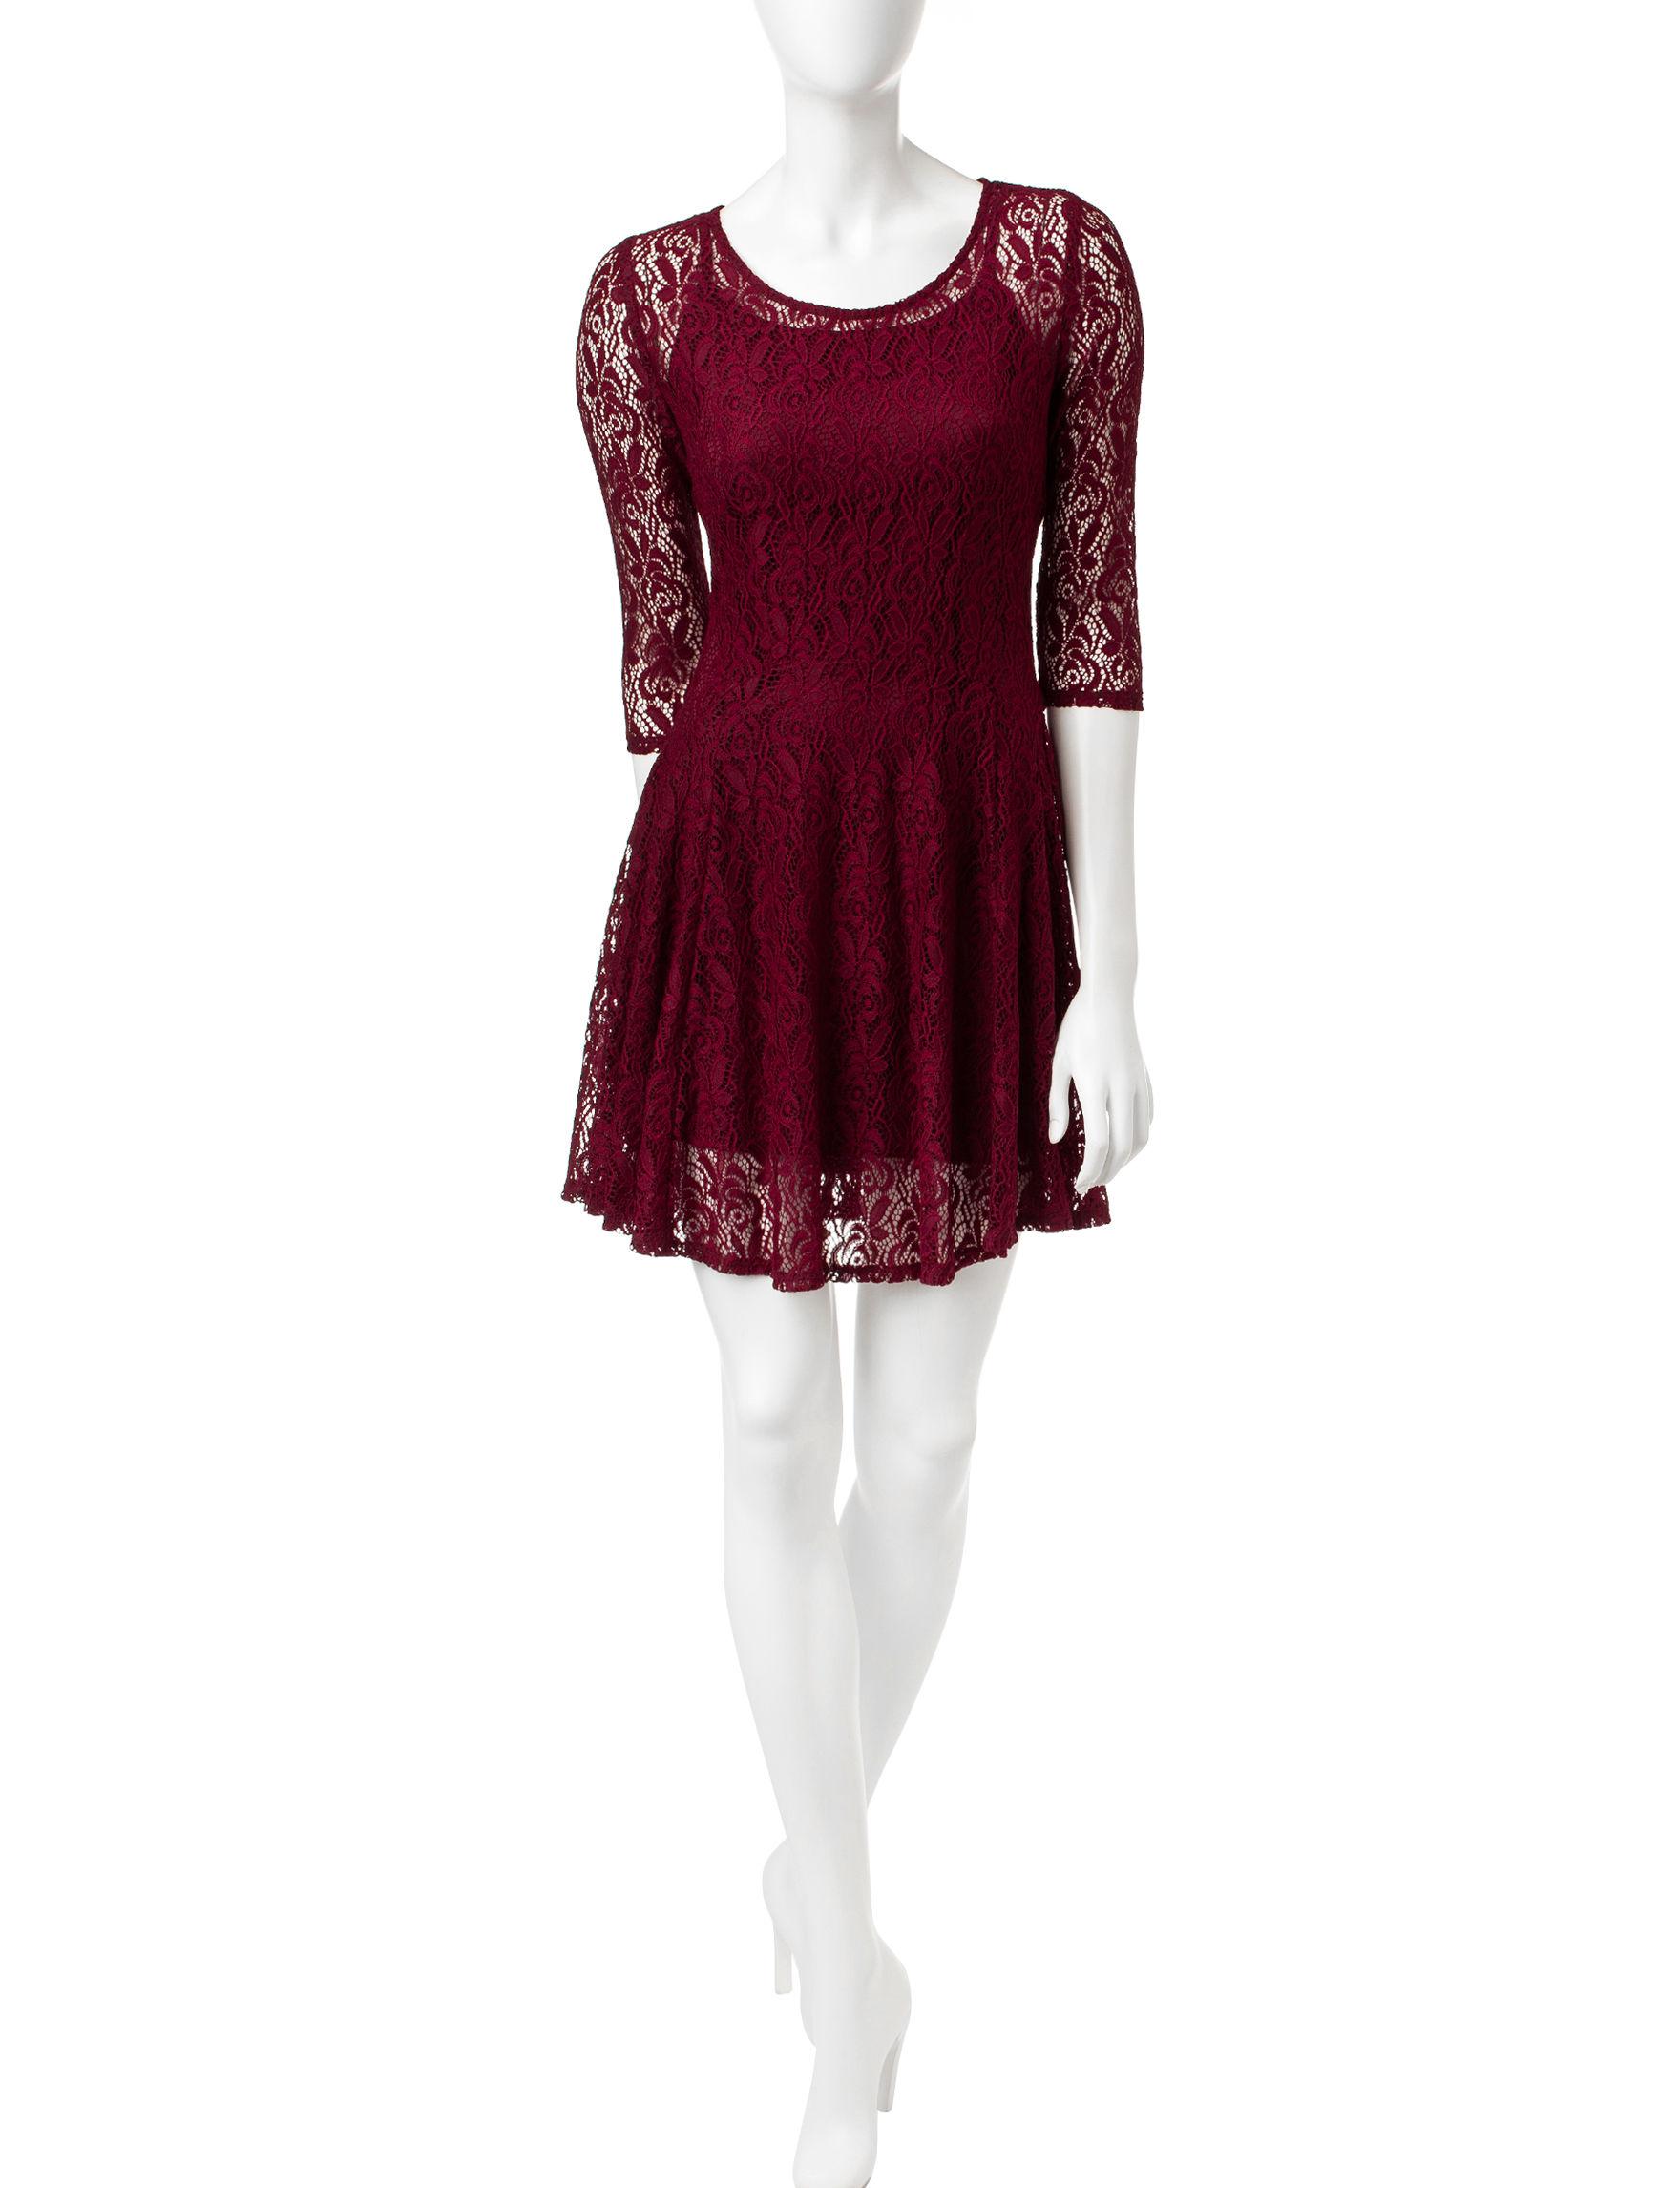 BeBop Red Fit & Flare Dresses